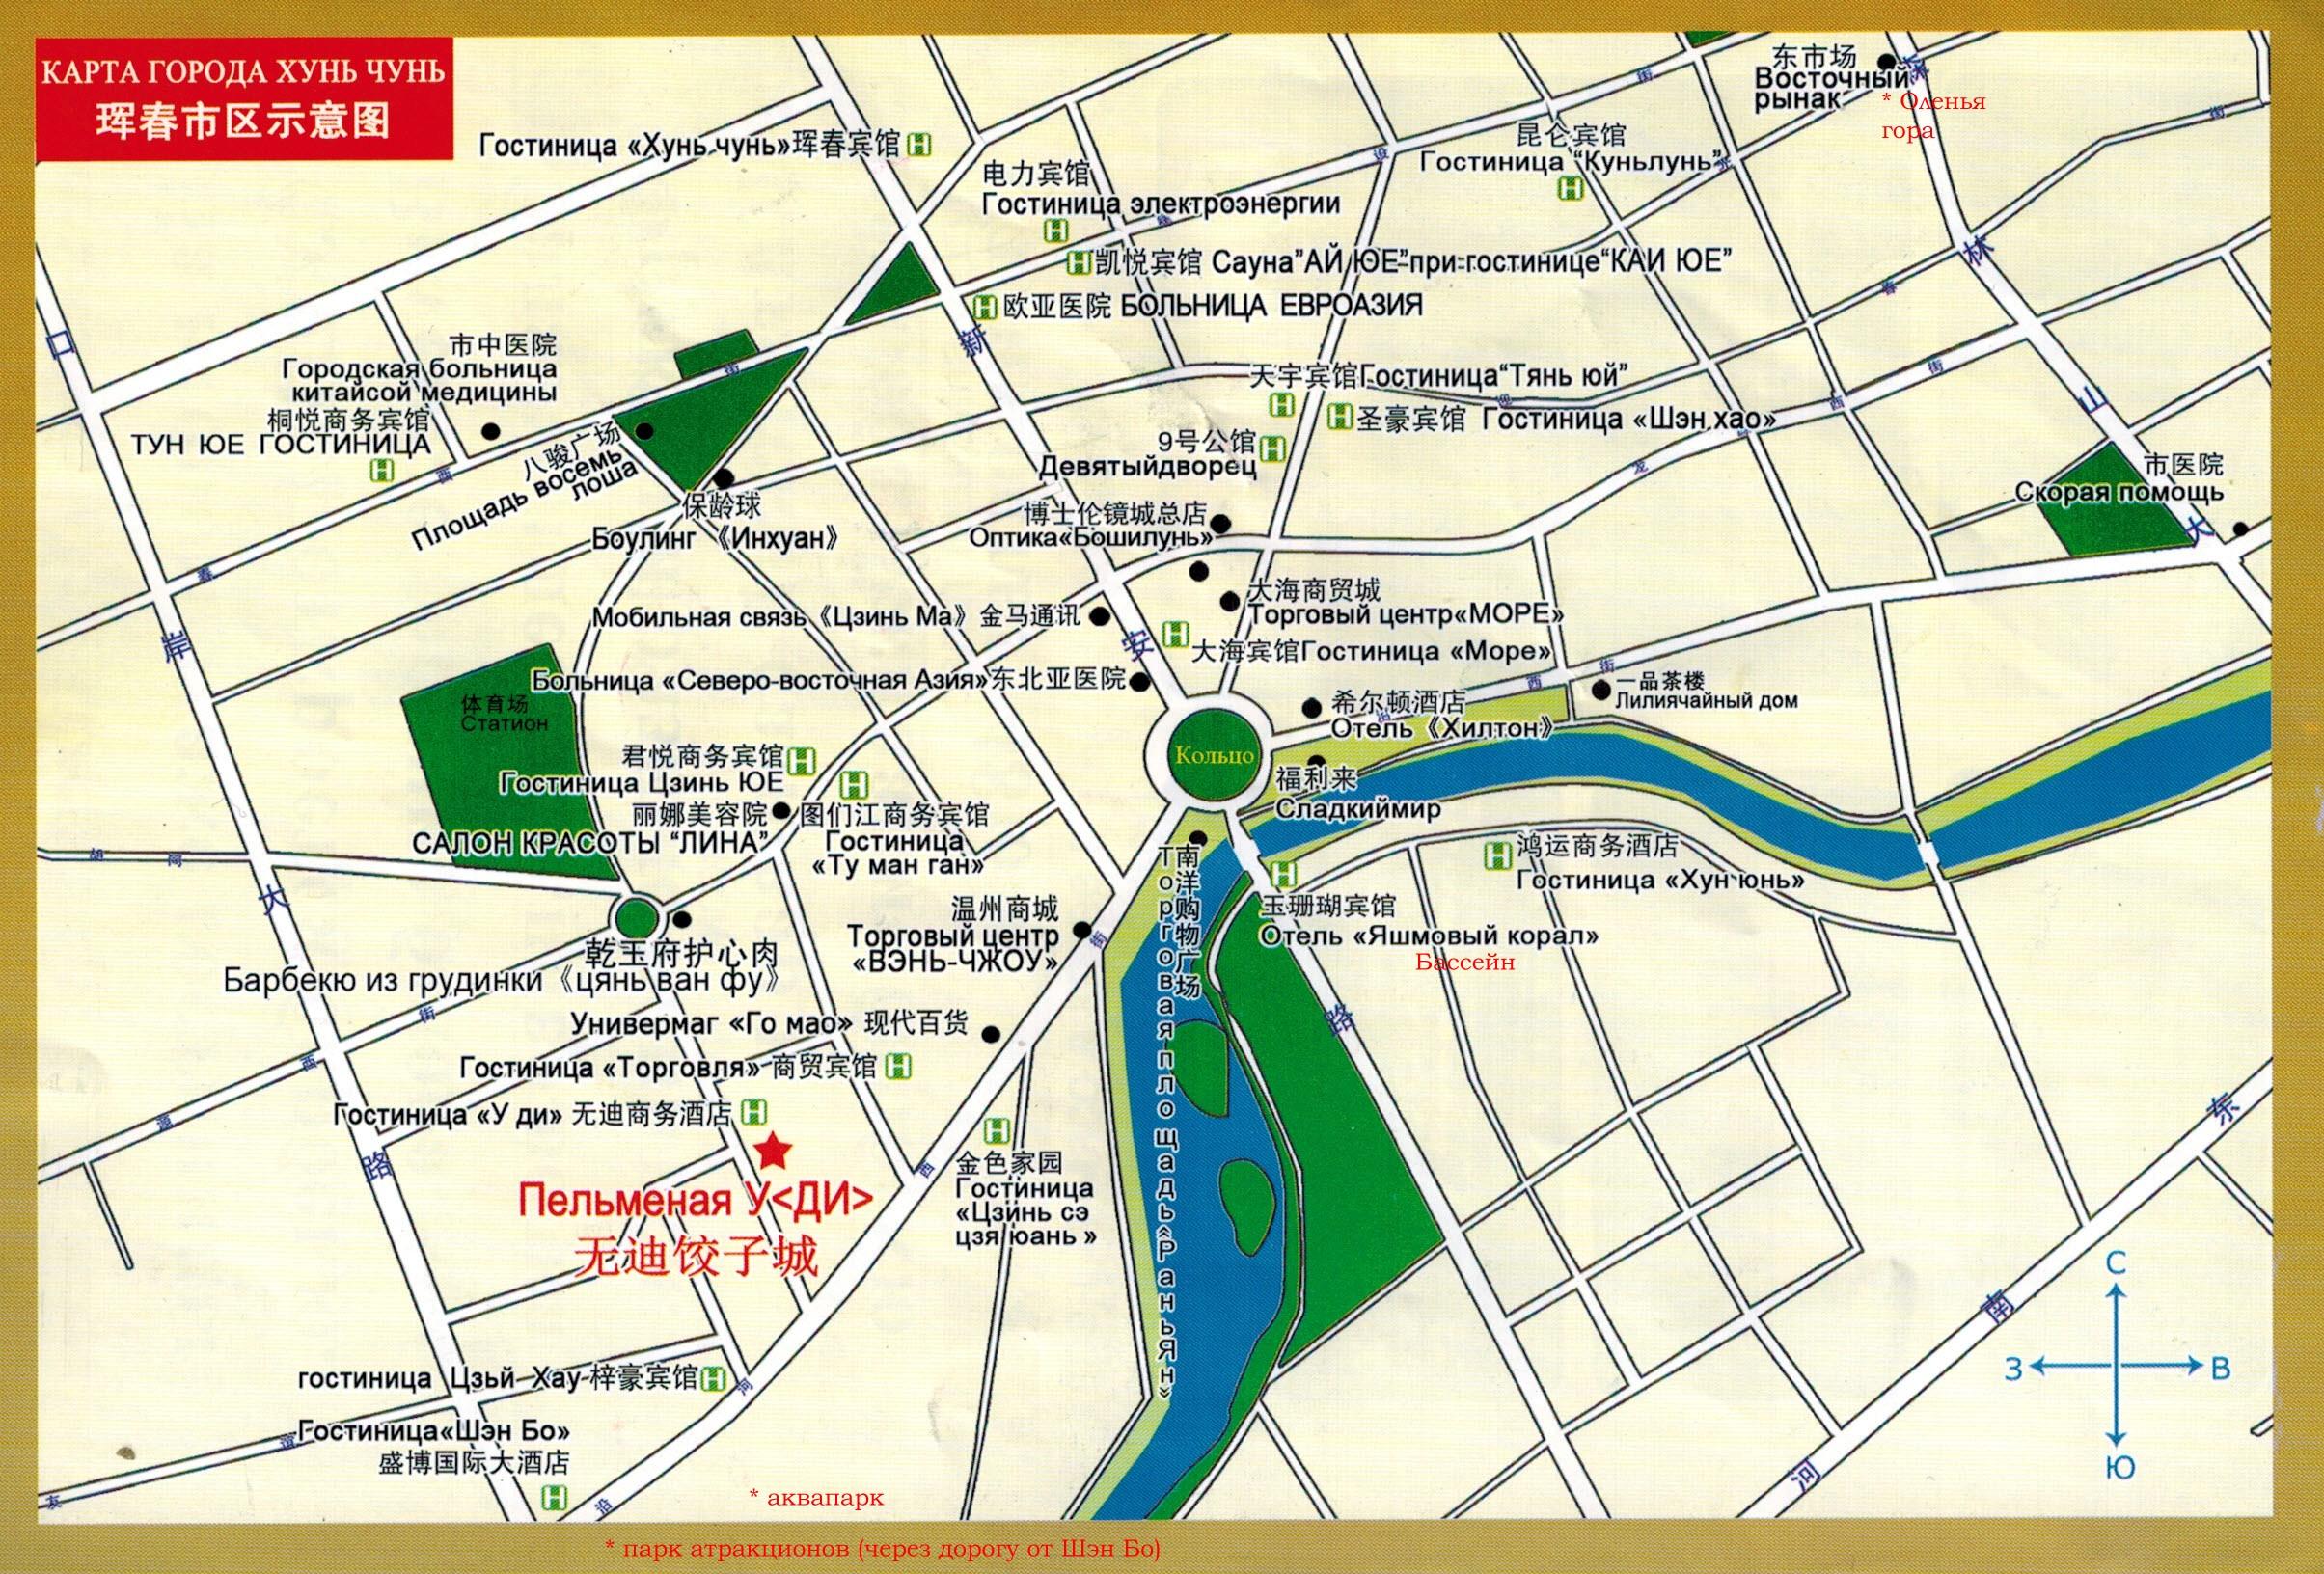 Карта Хуньчунь с достопримечательностями на русском языке